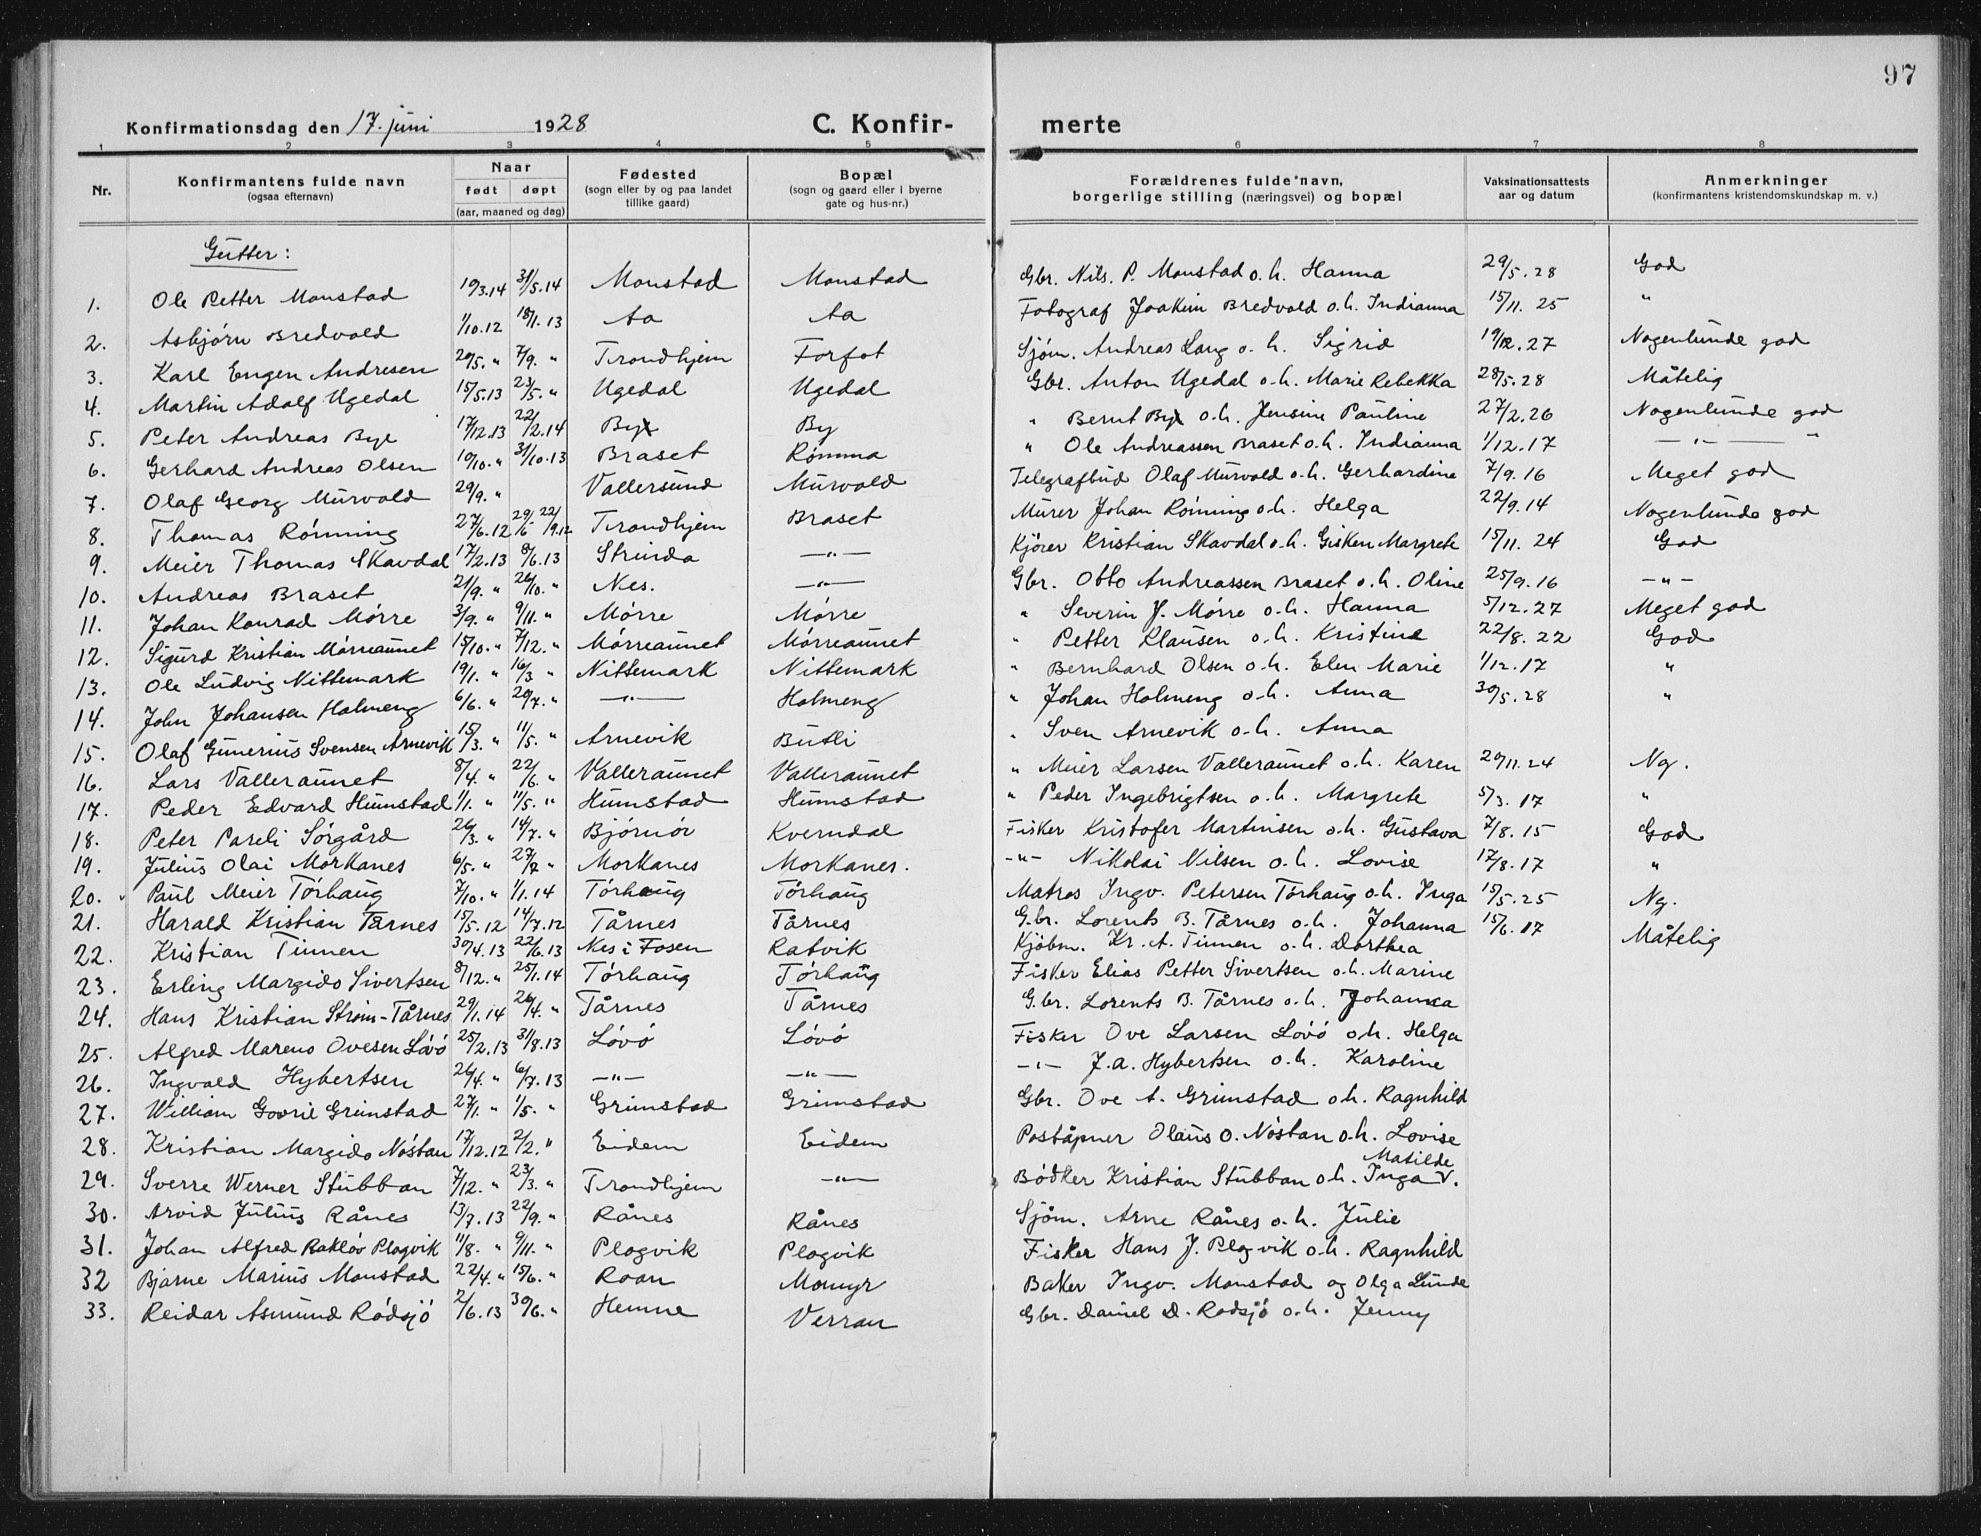 SAT, Ministerialprotokoller, klokkerbøker og fødselsregistre - Sør-Trøndelag, 655/L0689: Klokkerbok nr. 655C05, 1922-1936, s. 97